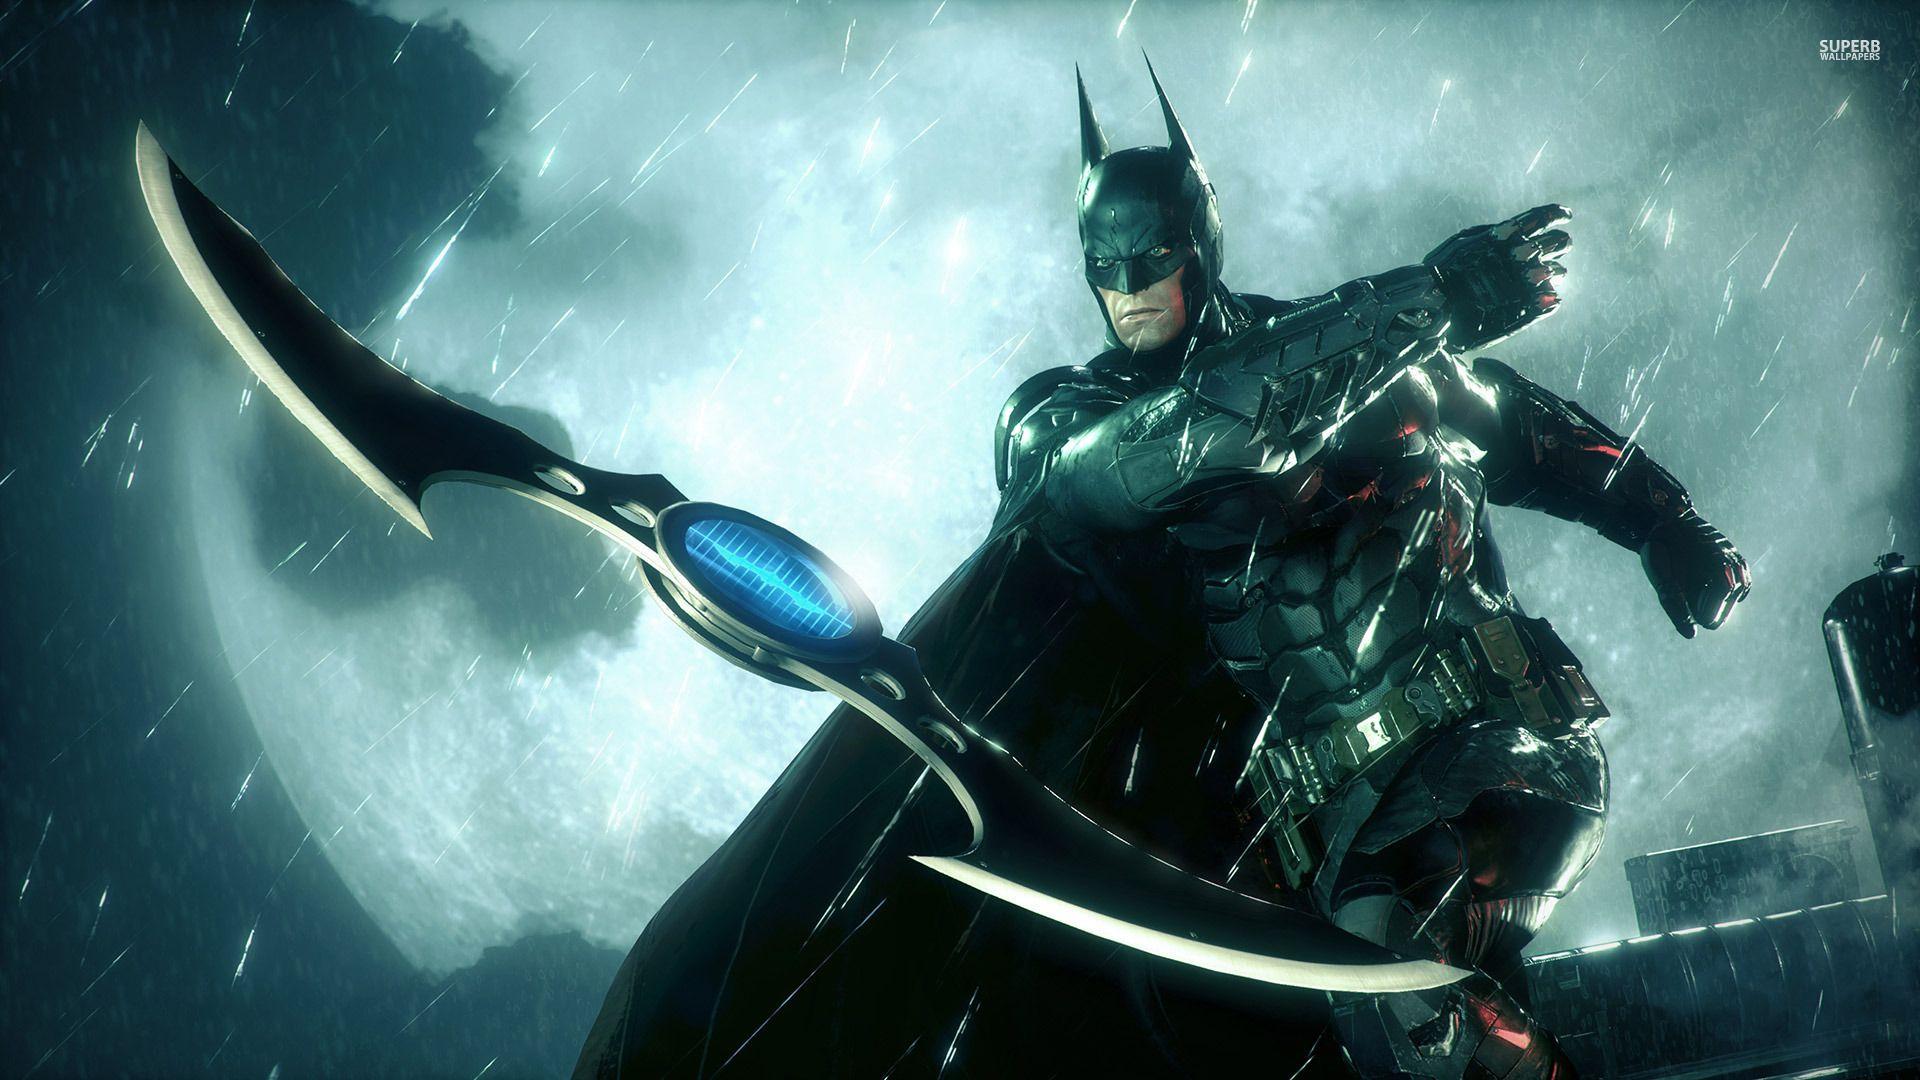 Batman Arkham Knight 32220 1920x1080 Jpg 1920 1080 Batman